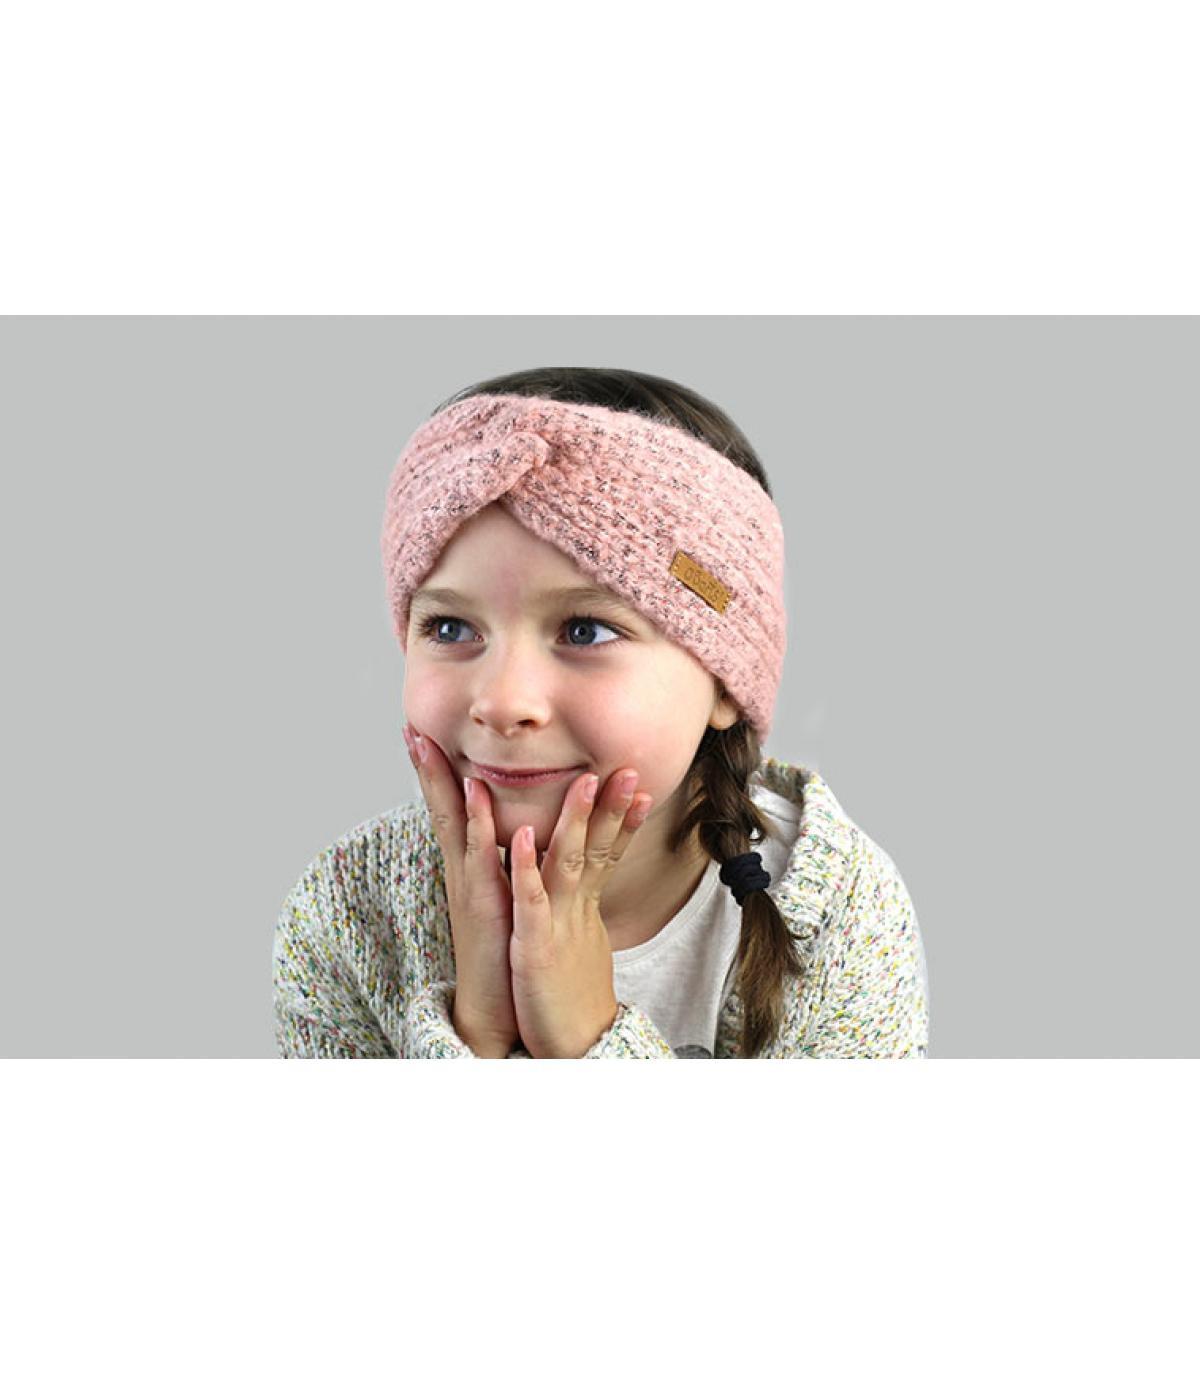 roze kinderhoofdband